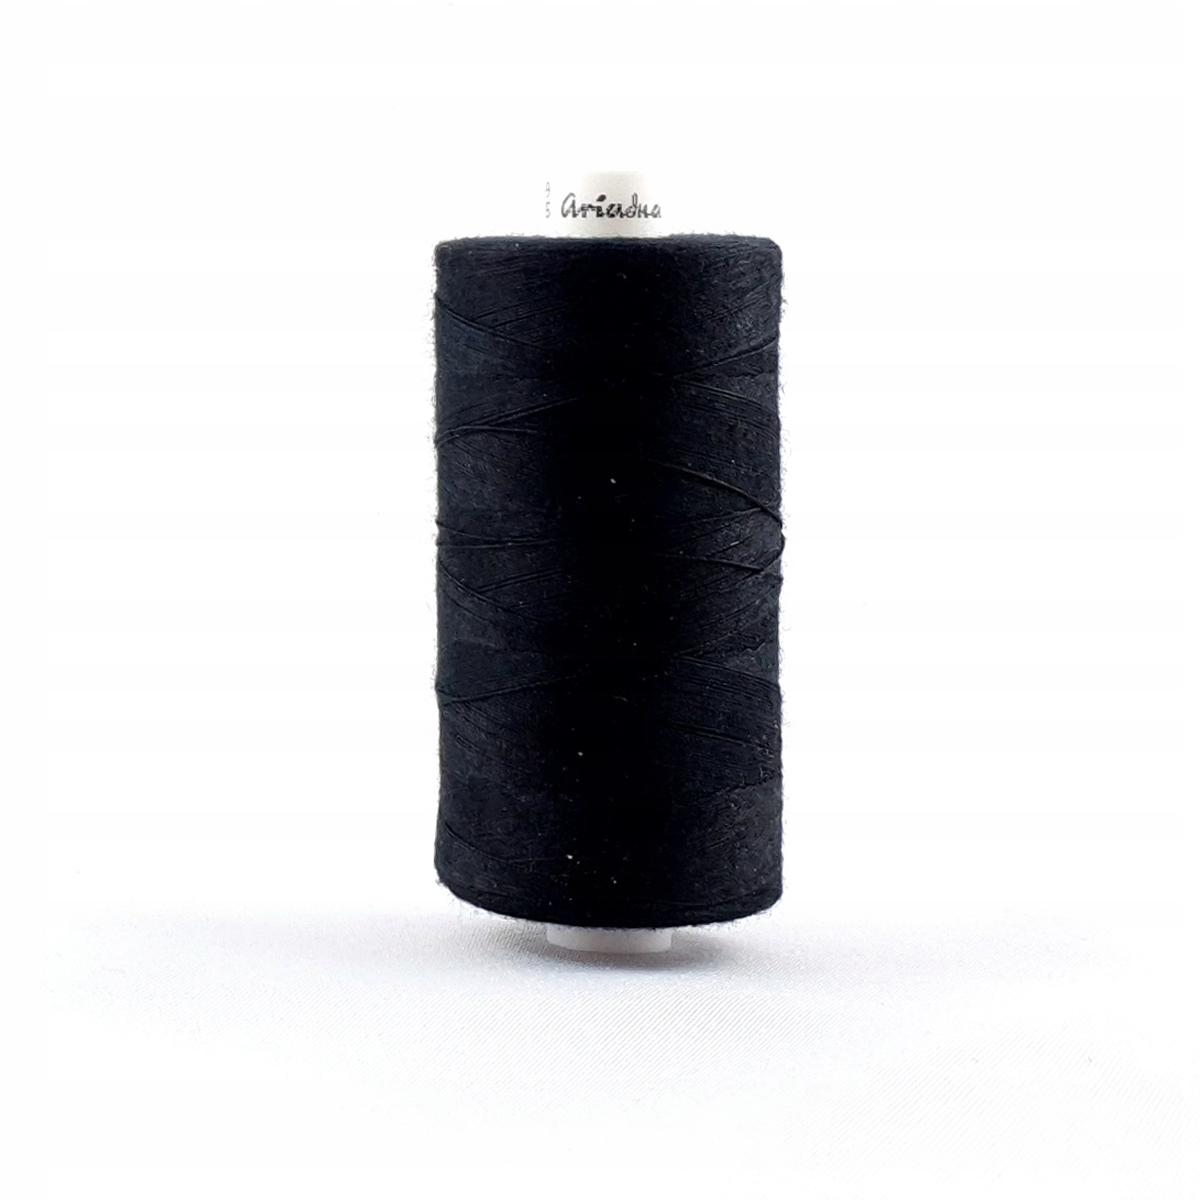 Швейные нитки для кодуры, водостойких материалов